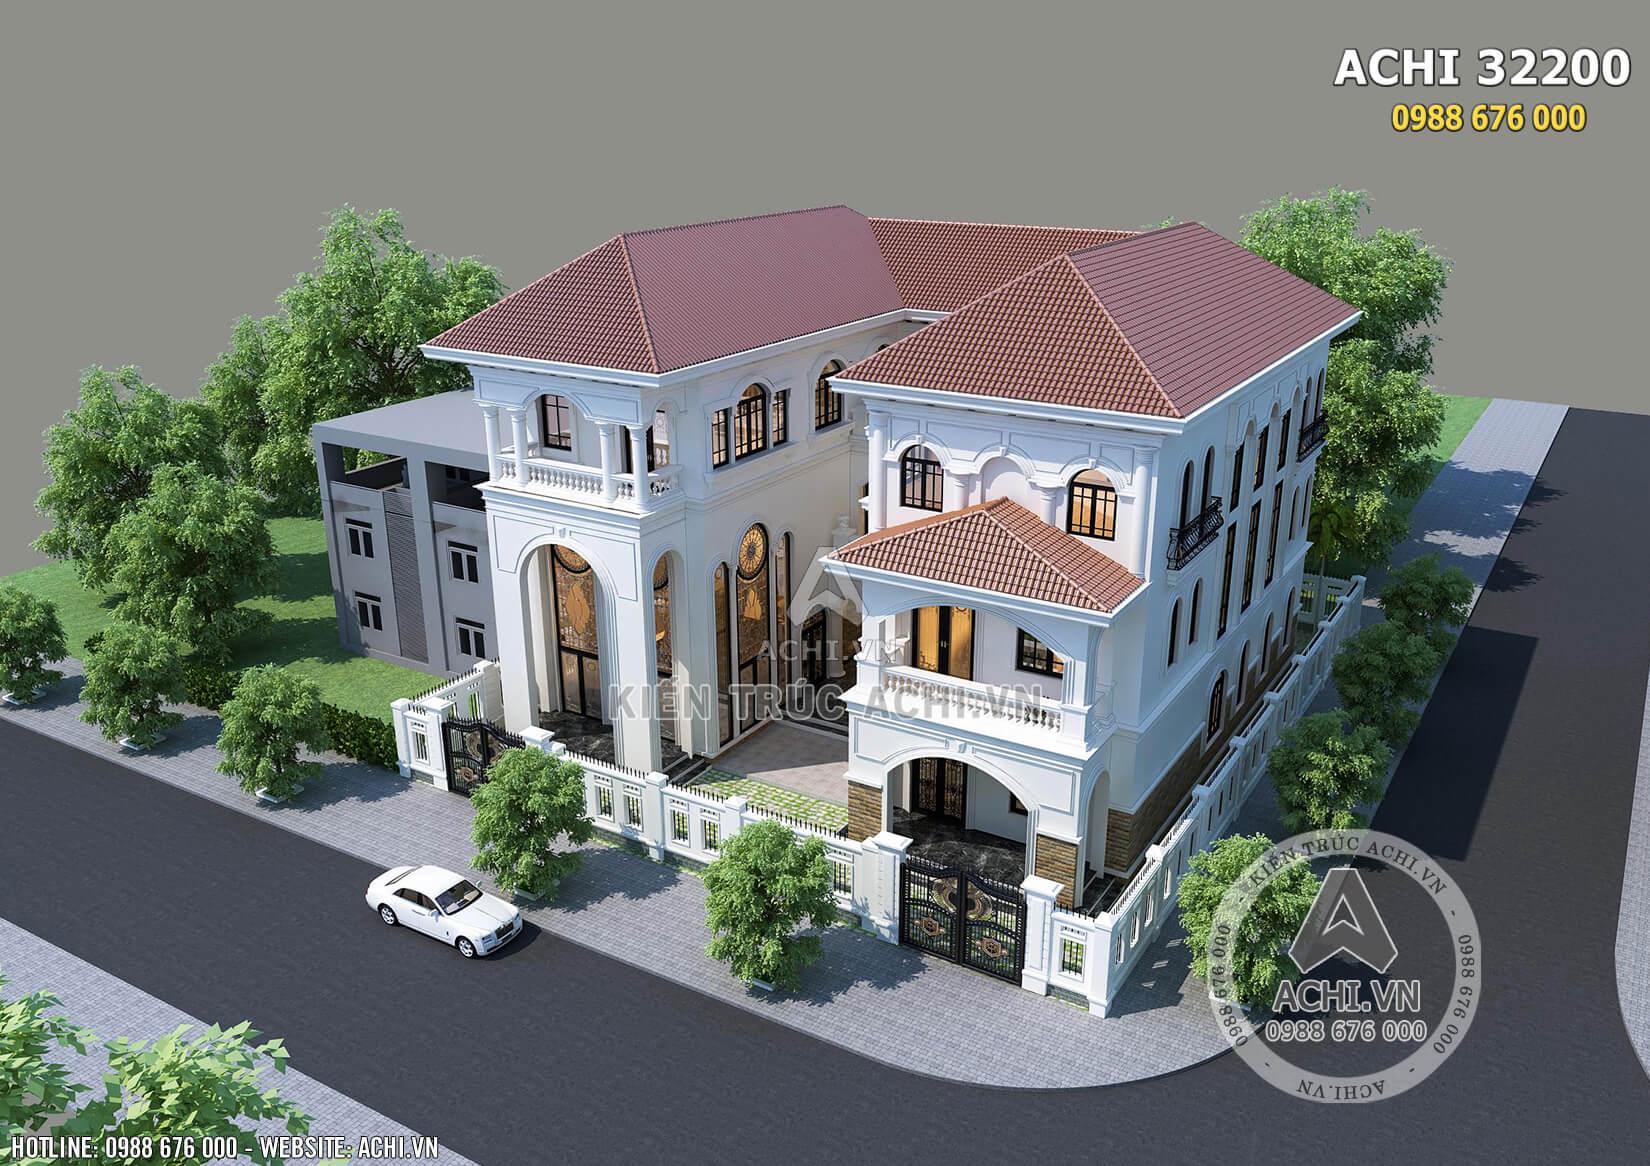 Mẫu biệt thự song lập kiến trúc địa trung hải đẹp tại Sài Gòn